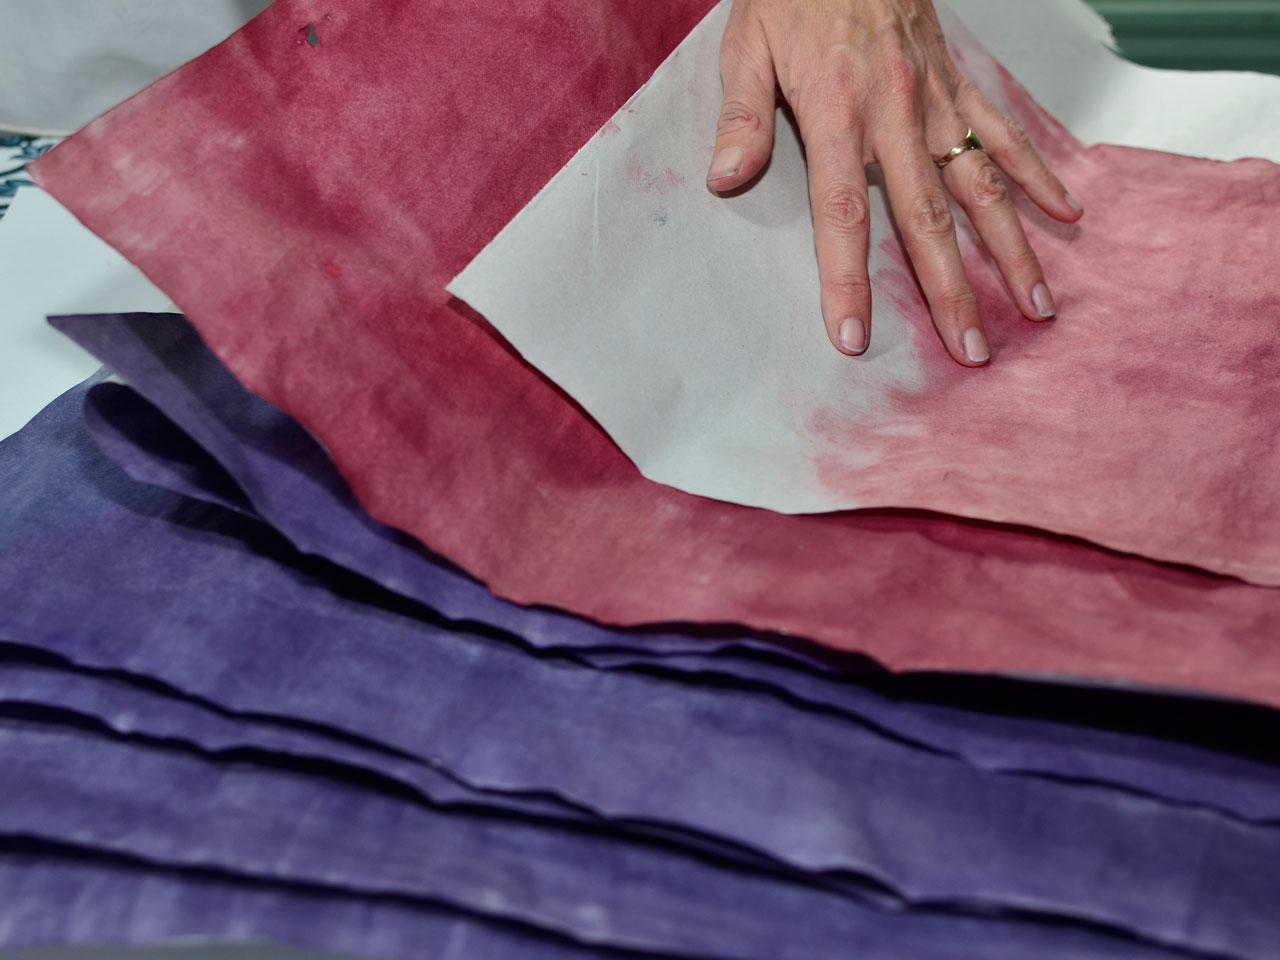 5- Dejalas secar. Si hacés de más para estampar en otra ocasión, guardalas en un lugar seco (idealmente entre paños de nylon).